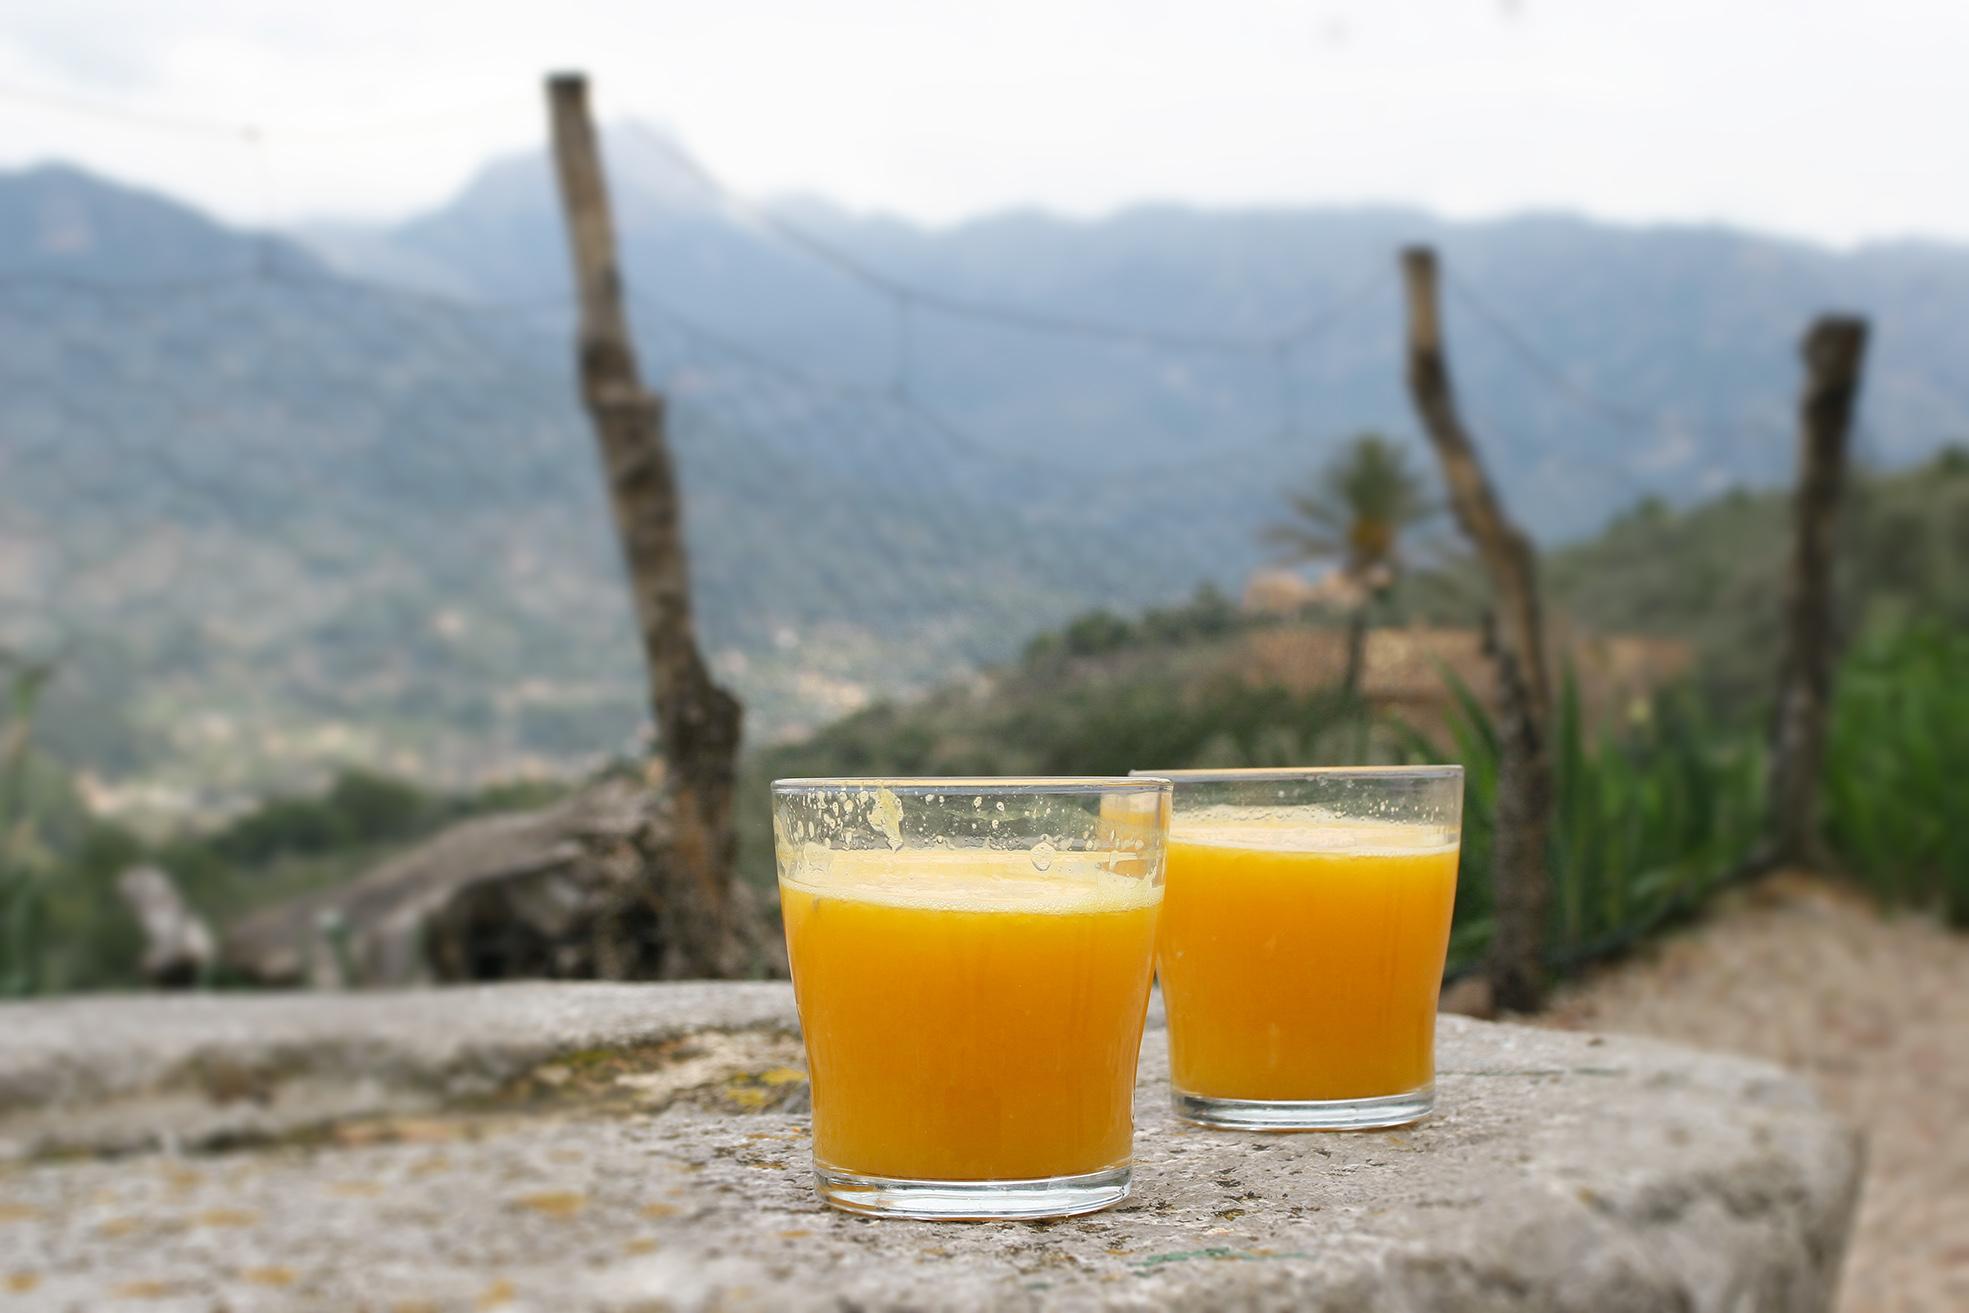 Sumo de naranja de Sòller